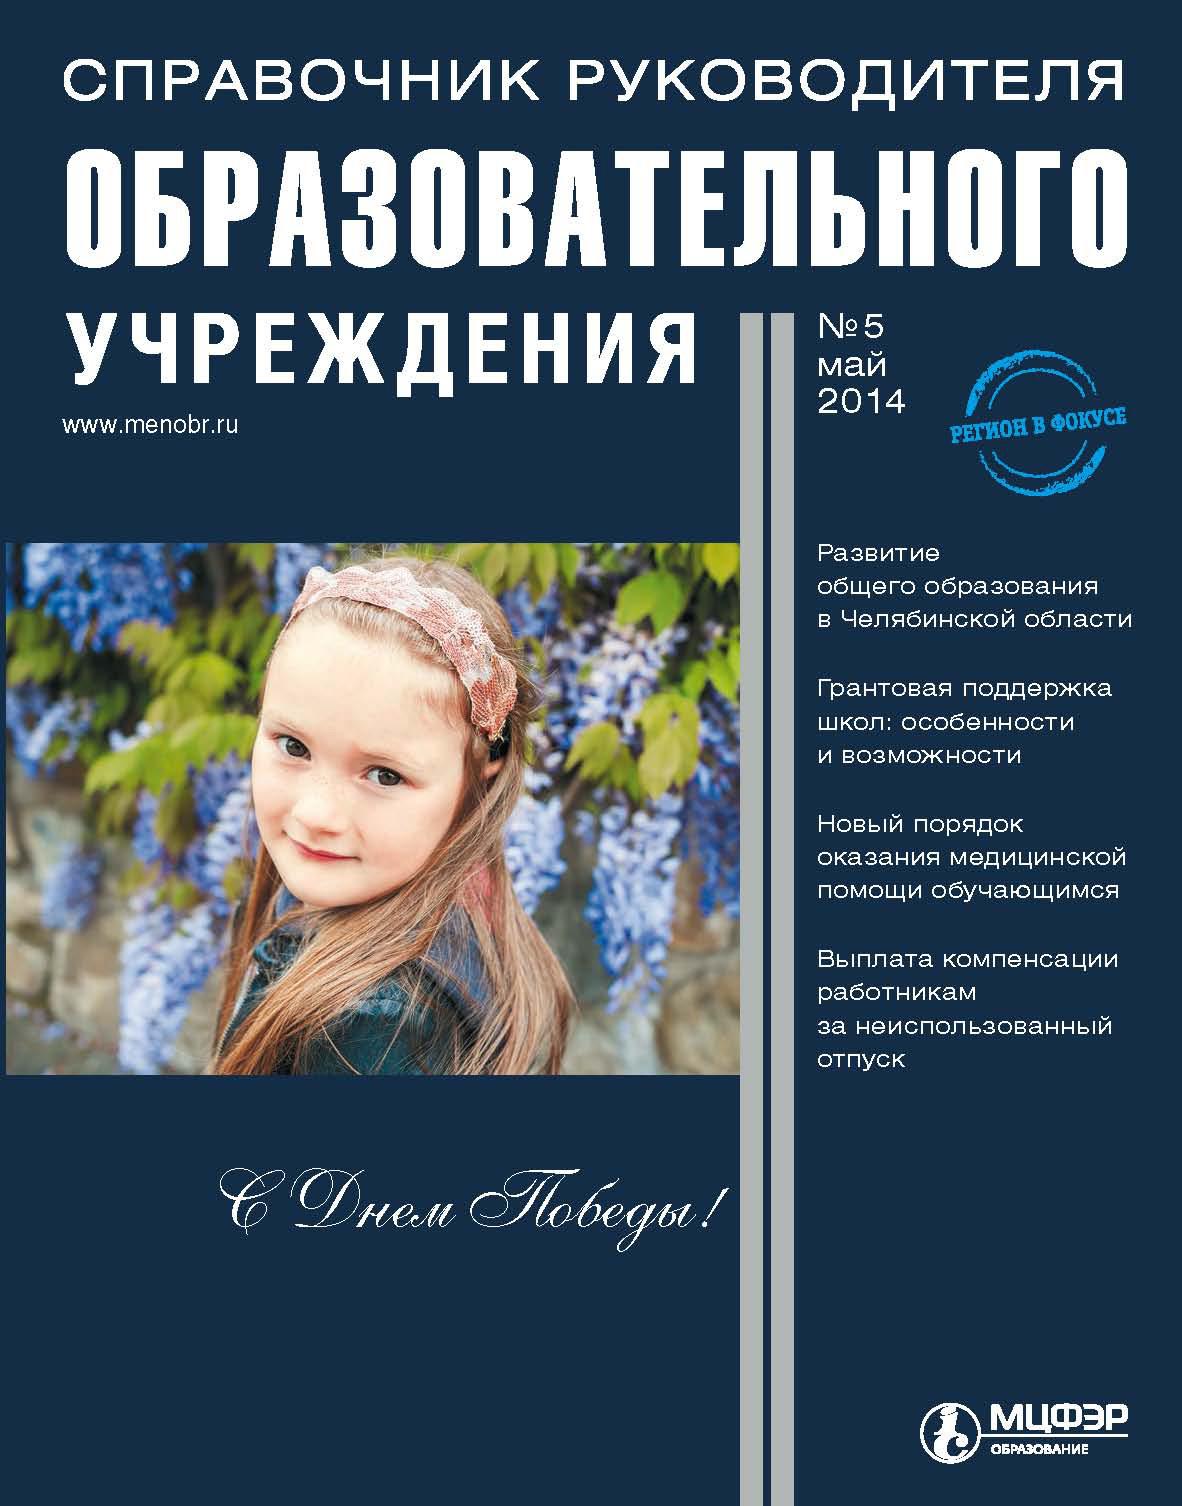 Справочник руководителя образовательного учреждения № 5 2014